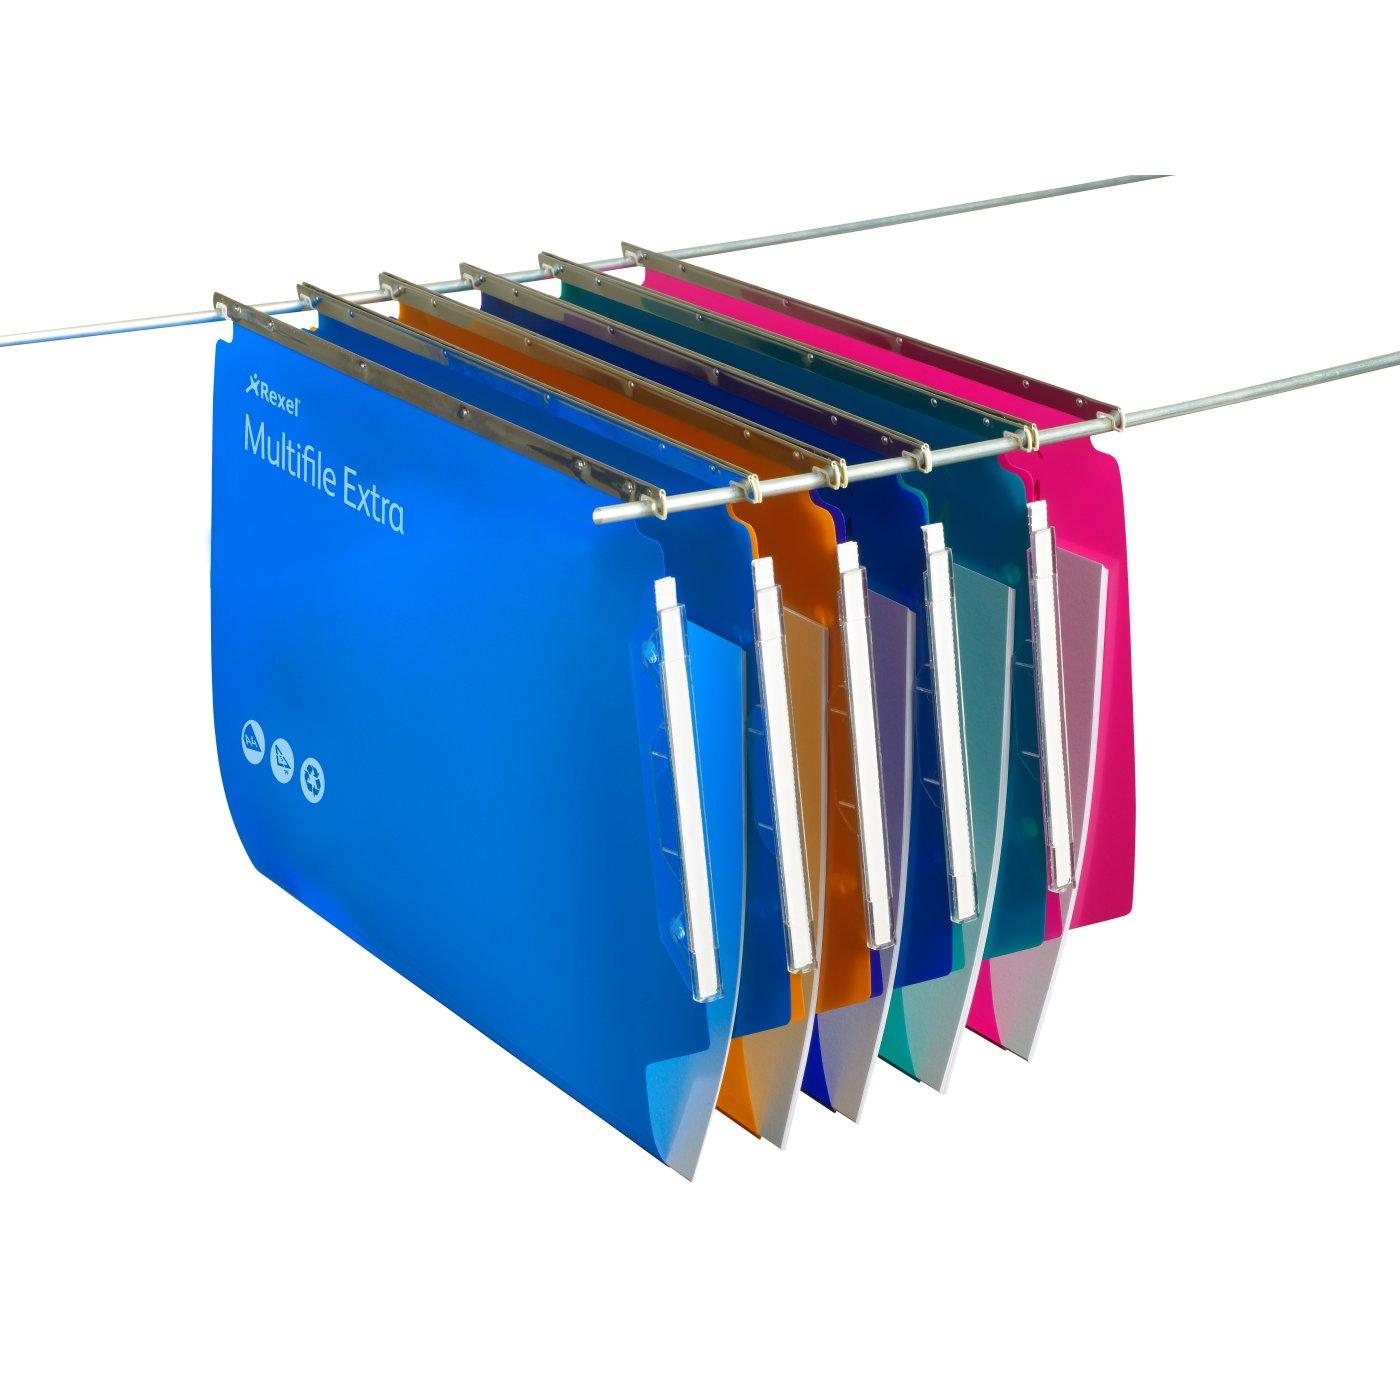 Stehsammler quer  Rexel - Produkte - Ablage und Archivierung - Vertikale und ...